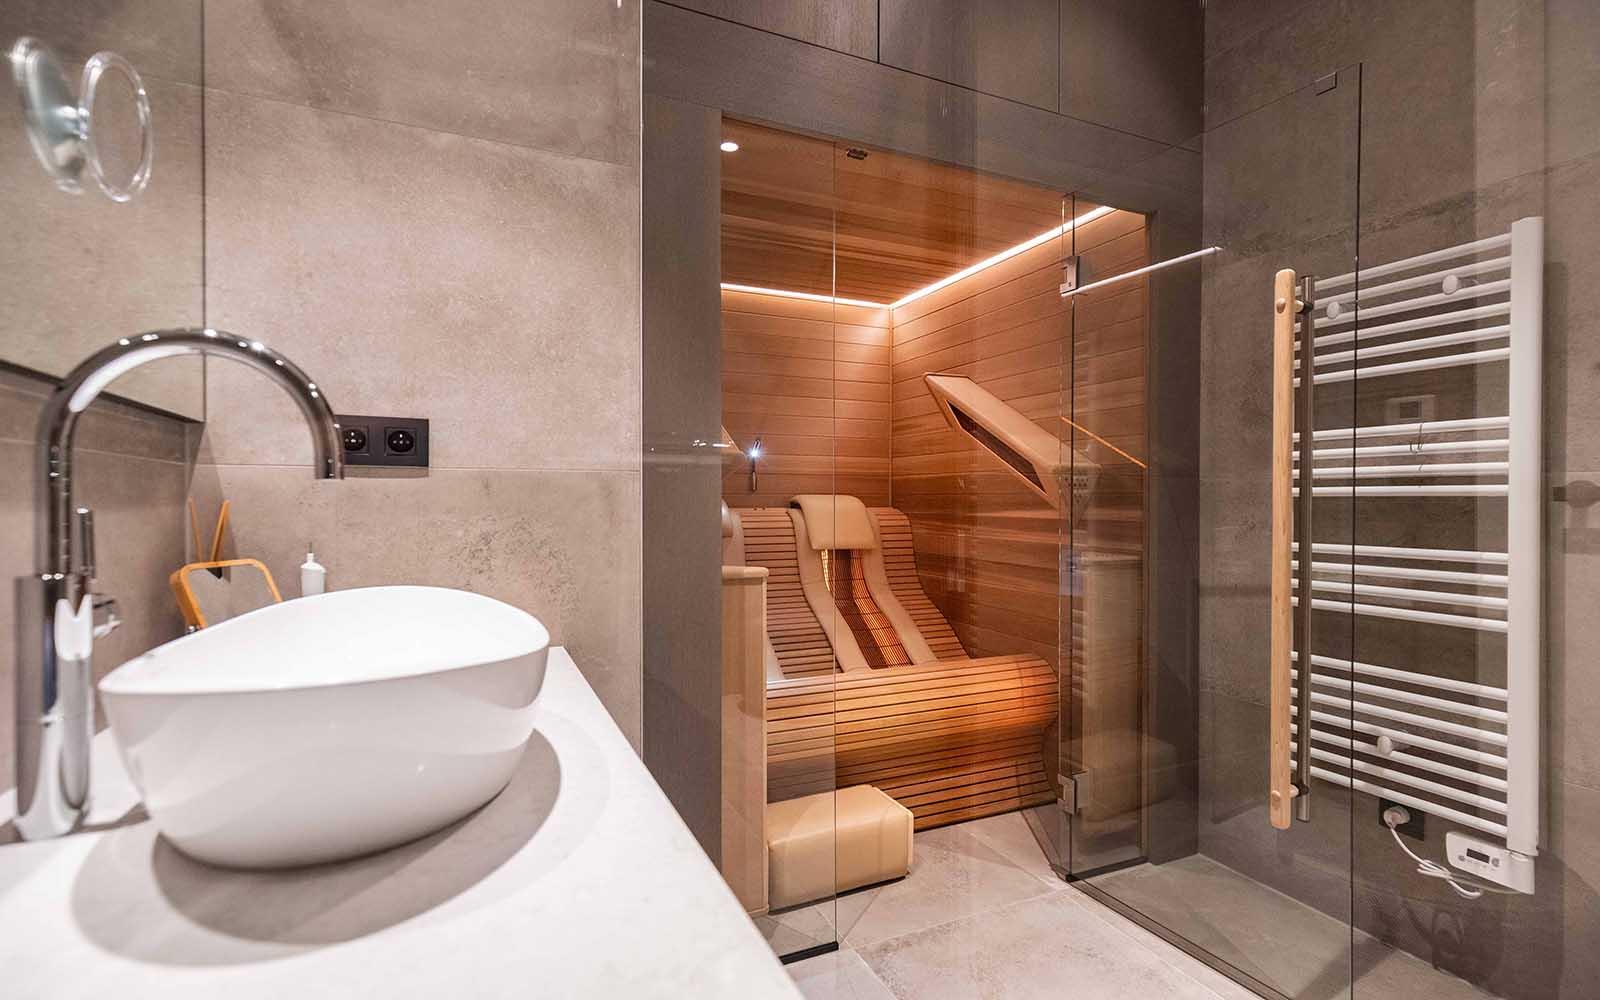 infraroodsauna, sauna, alpha industries, the art of living